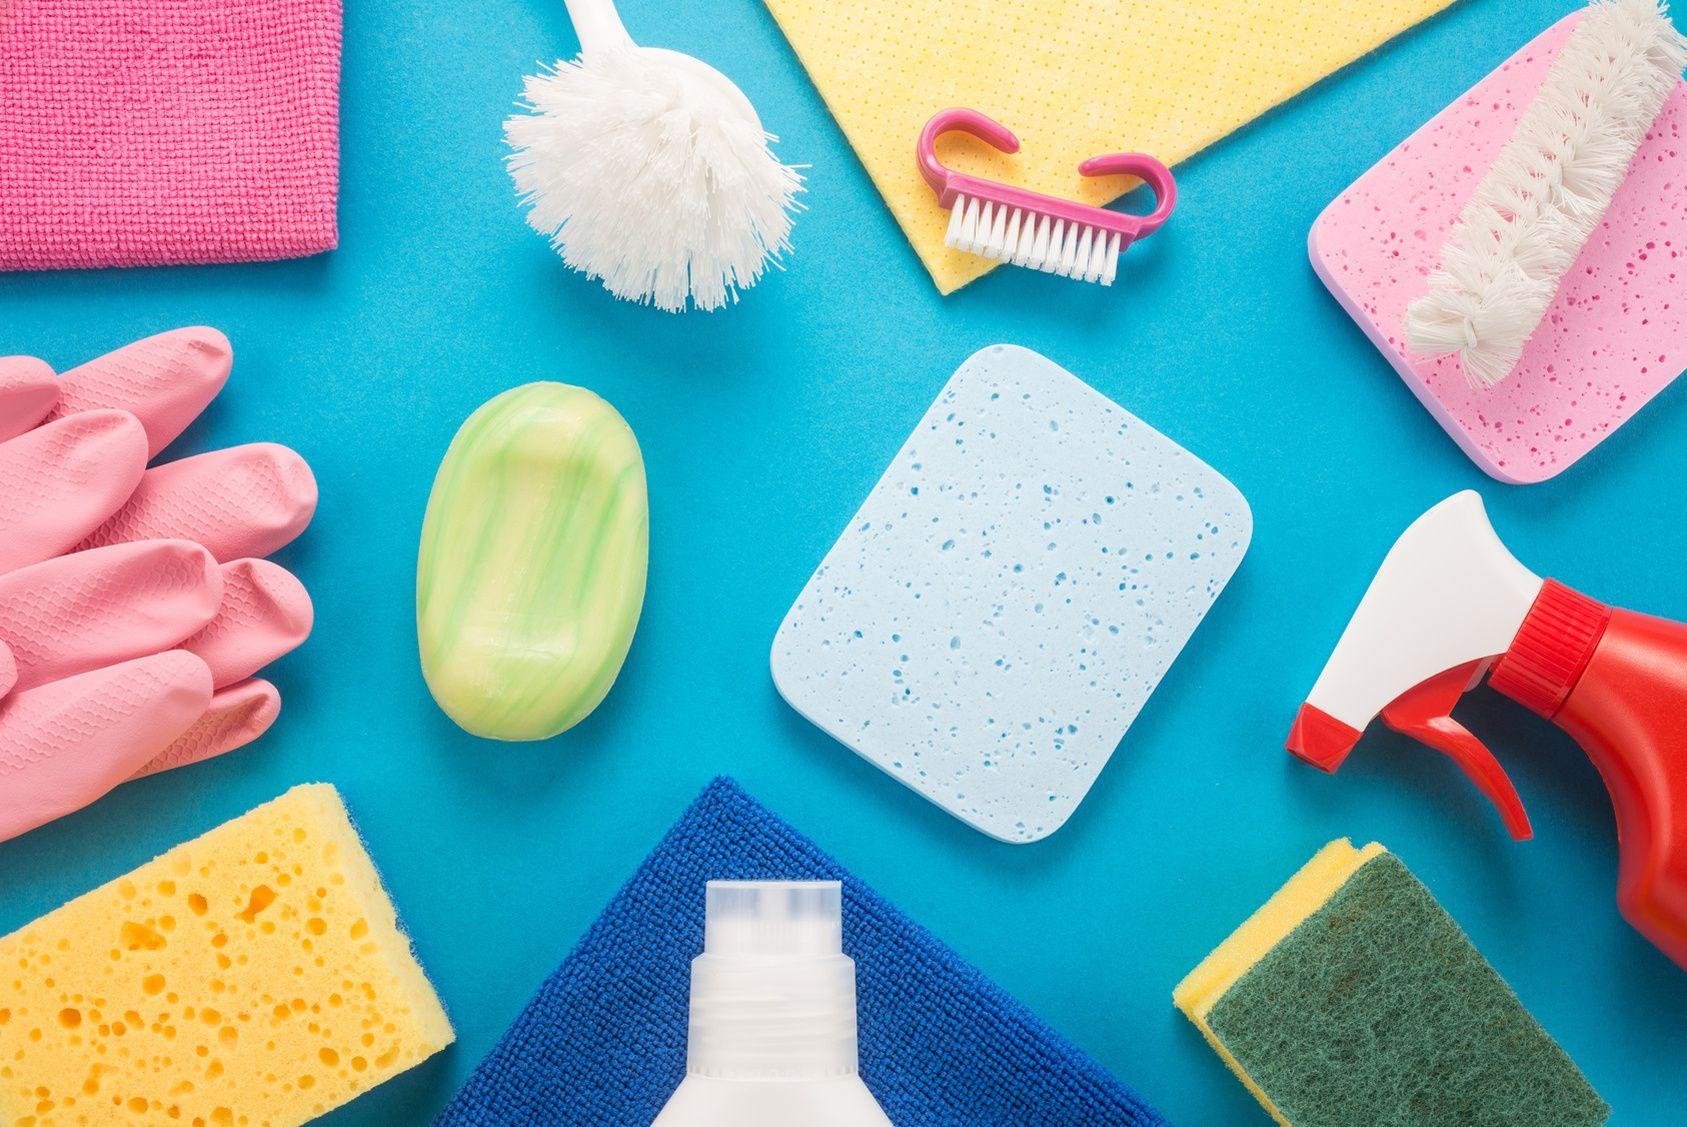 Comment entretenir sa maison avec des produits naturels for Entretenir sa maison